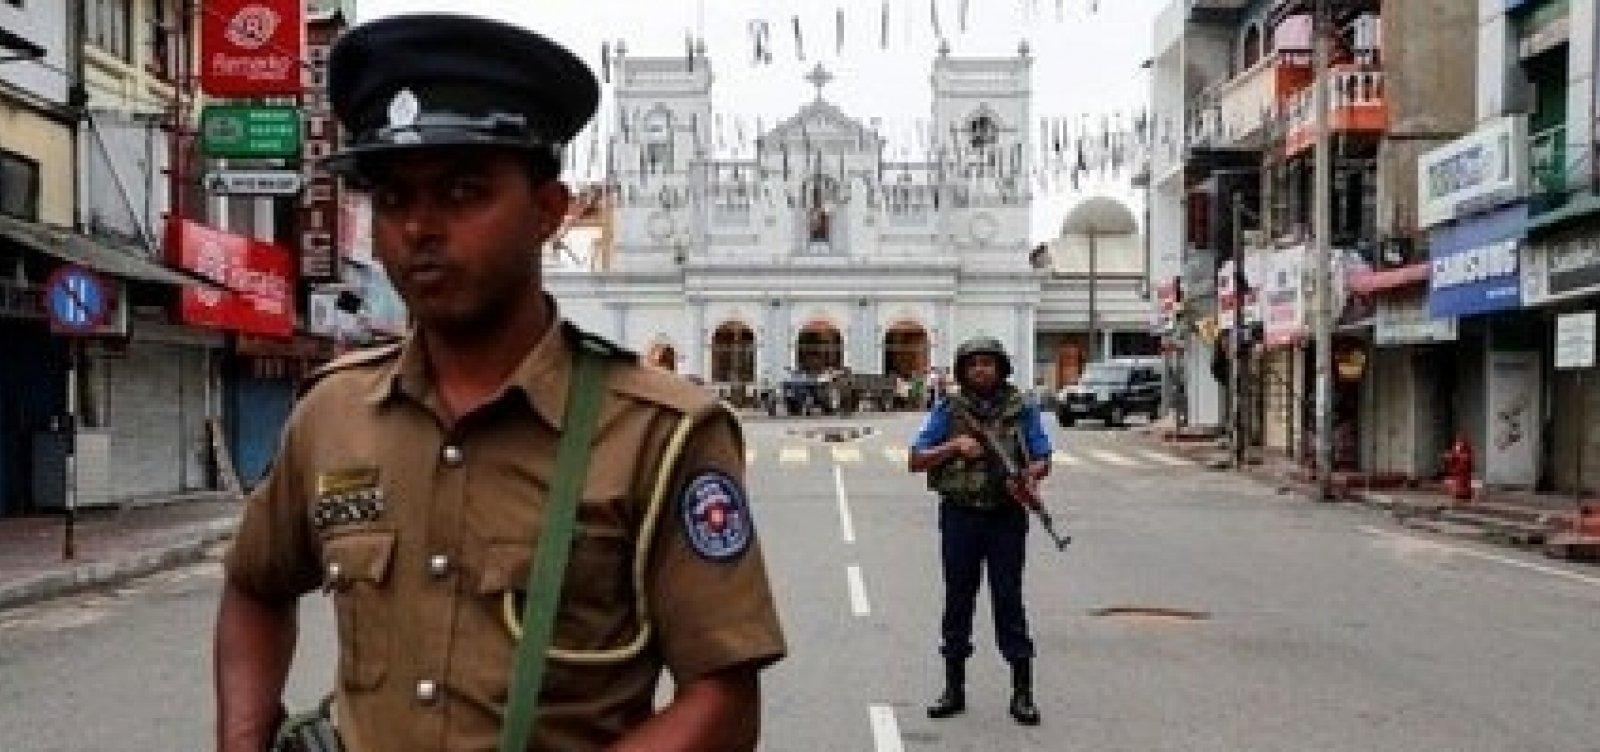 Autoridades do Sri Lanka alertam para novos ataques